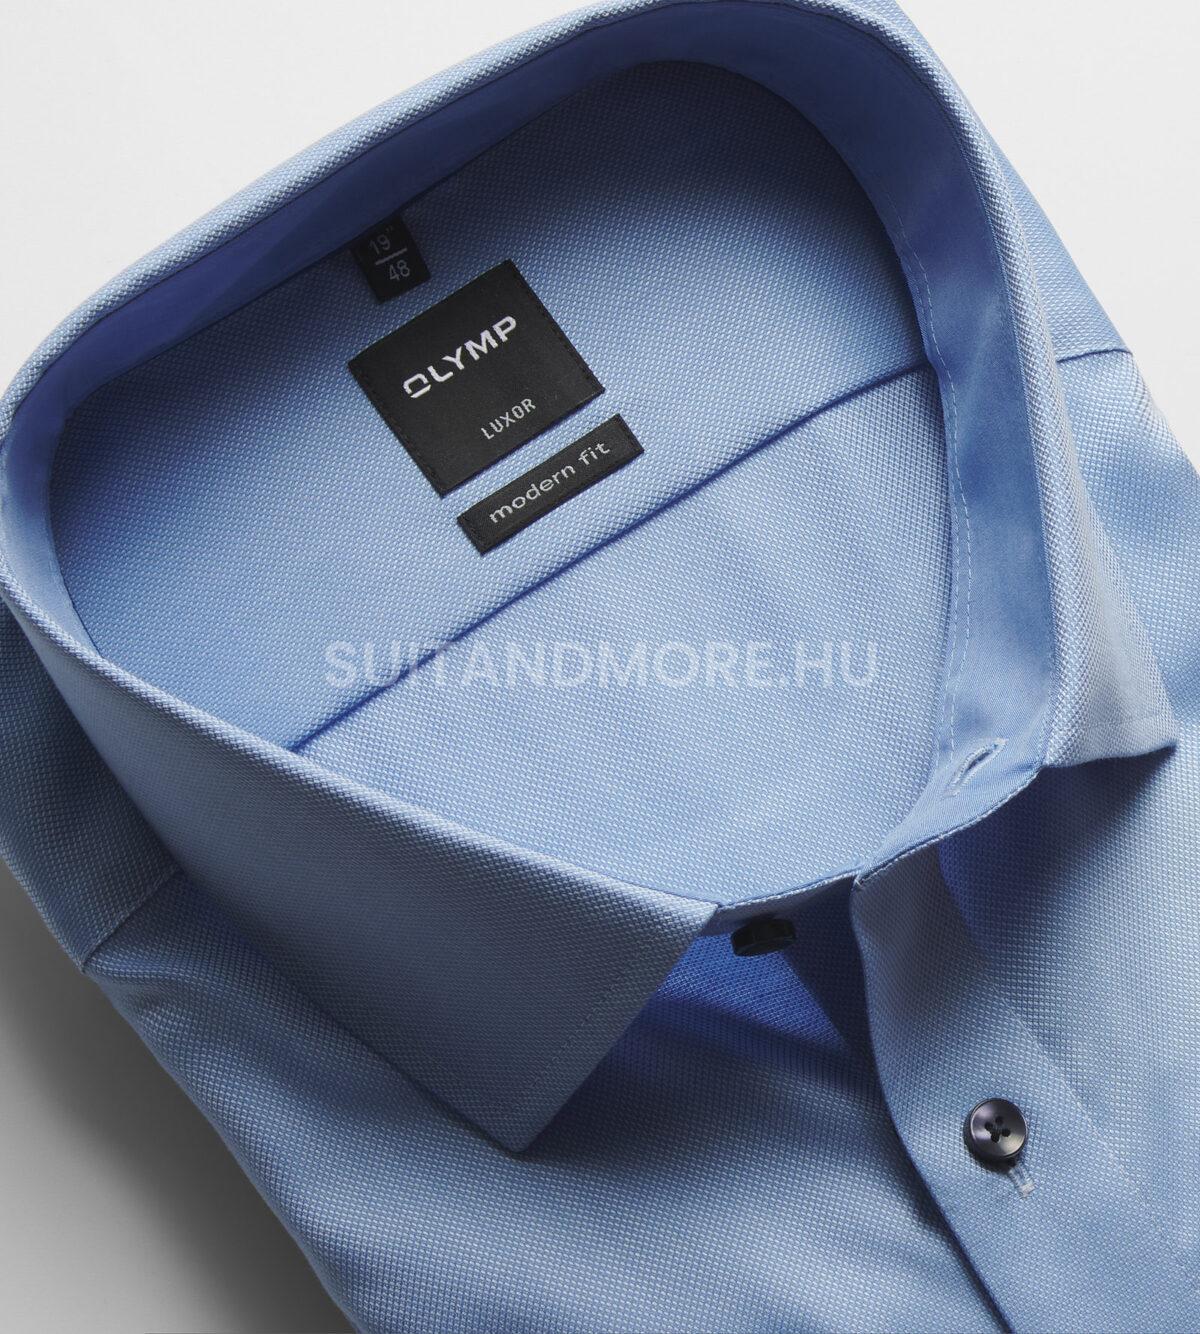 OLYMP-kék-modern-fit-strukturált-vasaláskönnyített-ing-0400-64-11-02